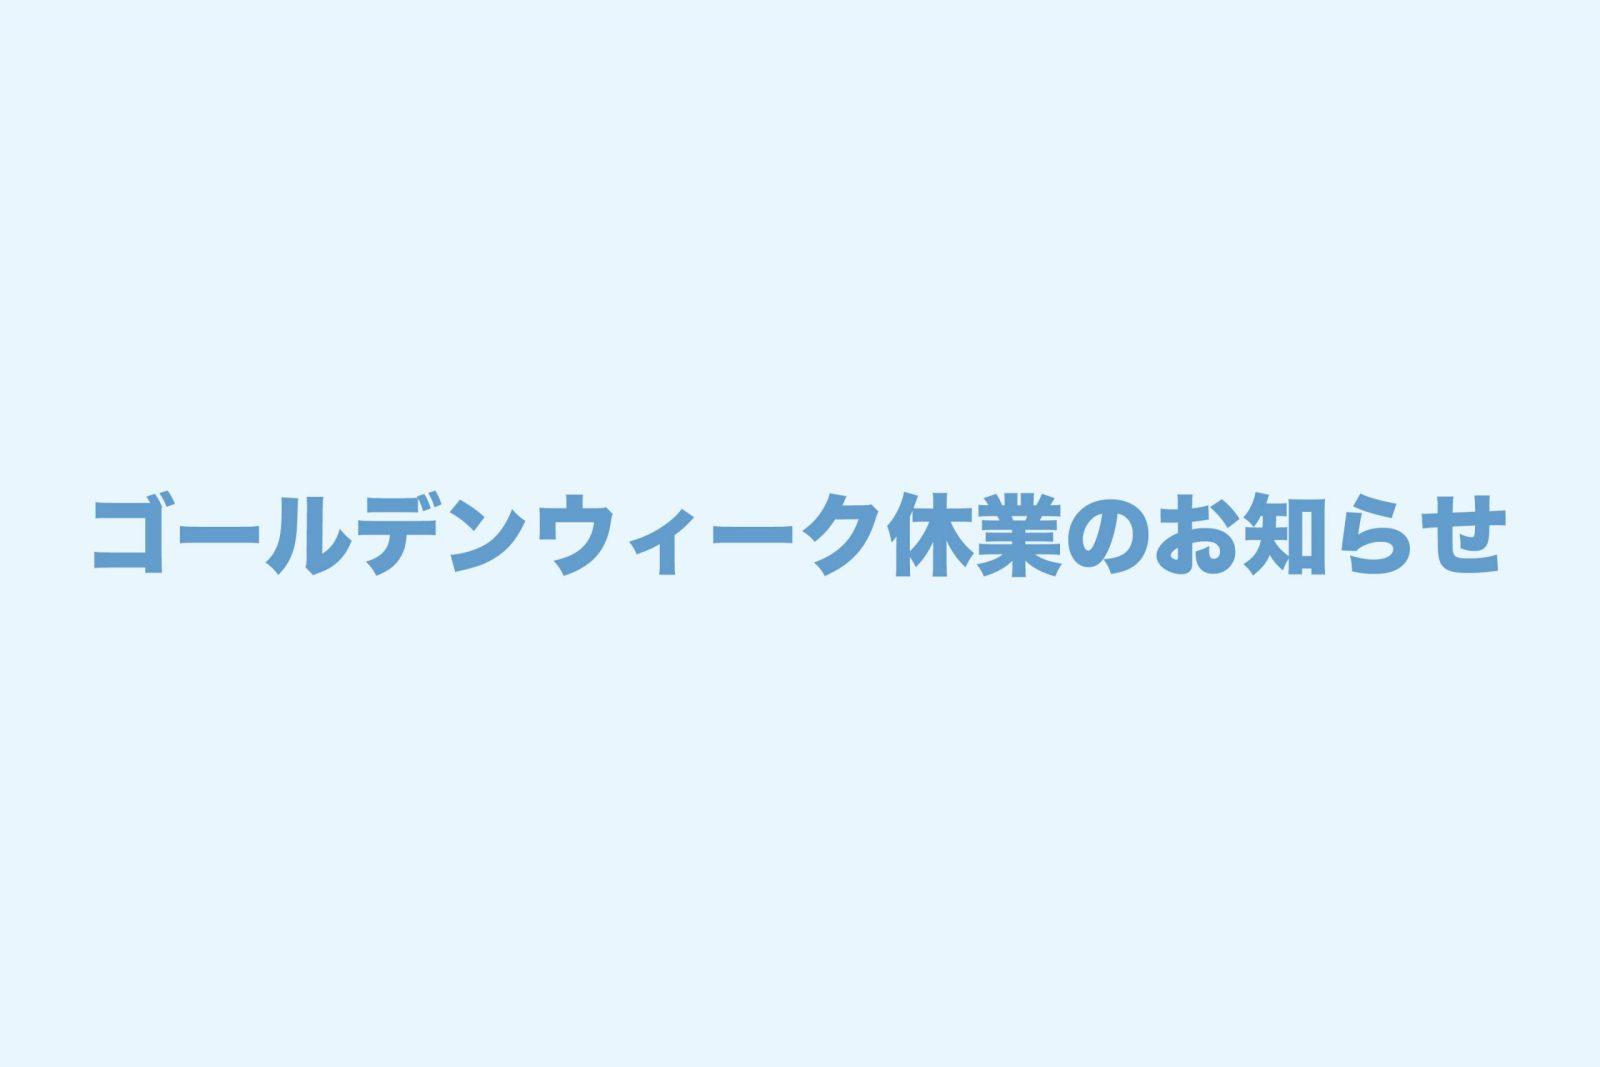 ゴールデンウィーク休業(4/30〜5/6)のお知らせ